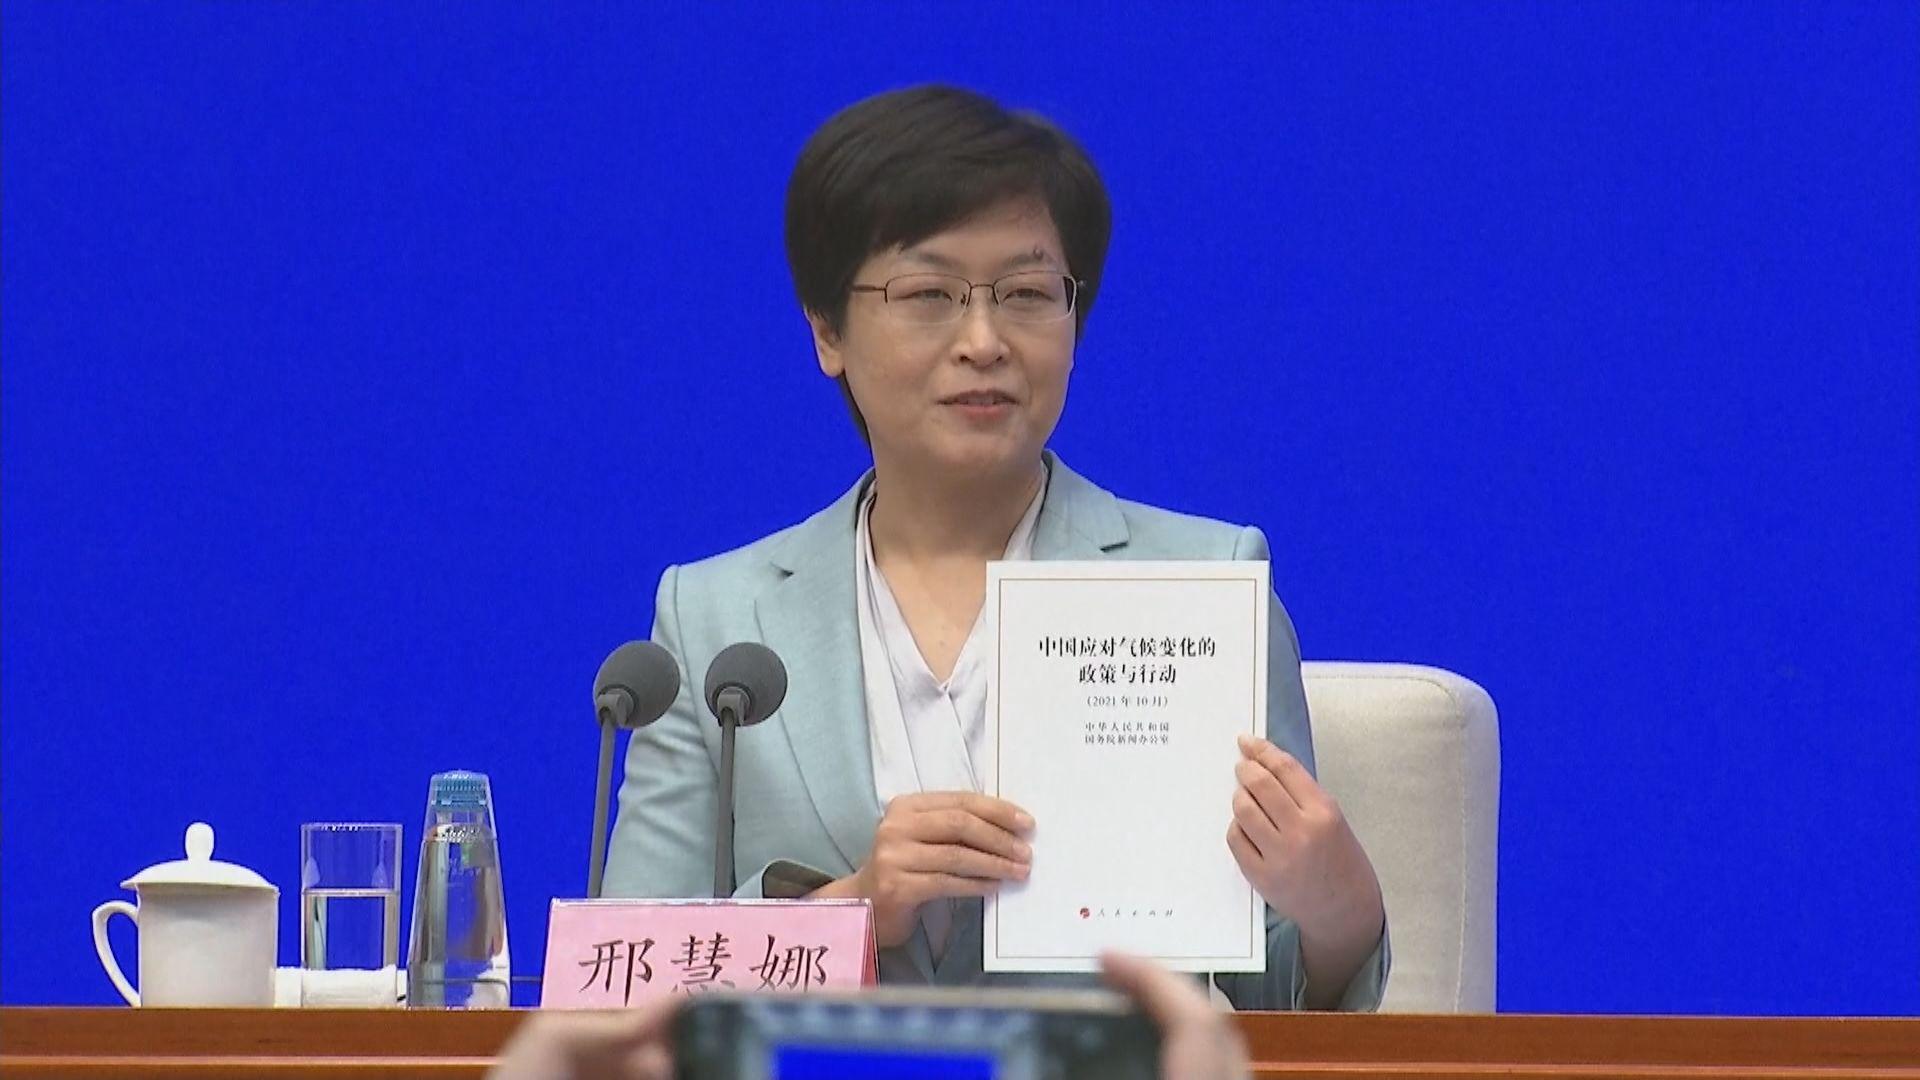 中方冀聯合國氣候變化峰會落實目標 避免空喊口號